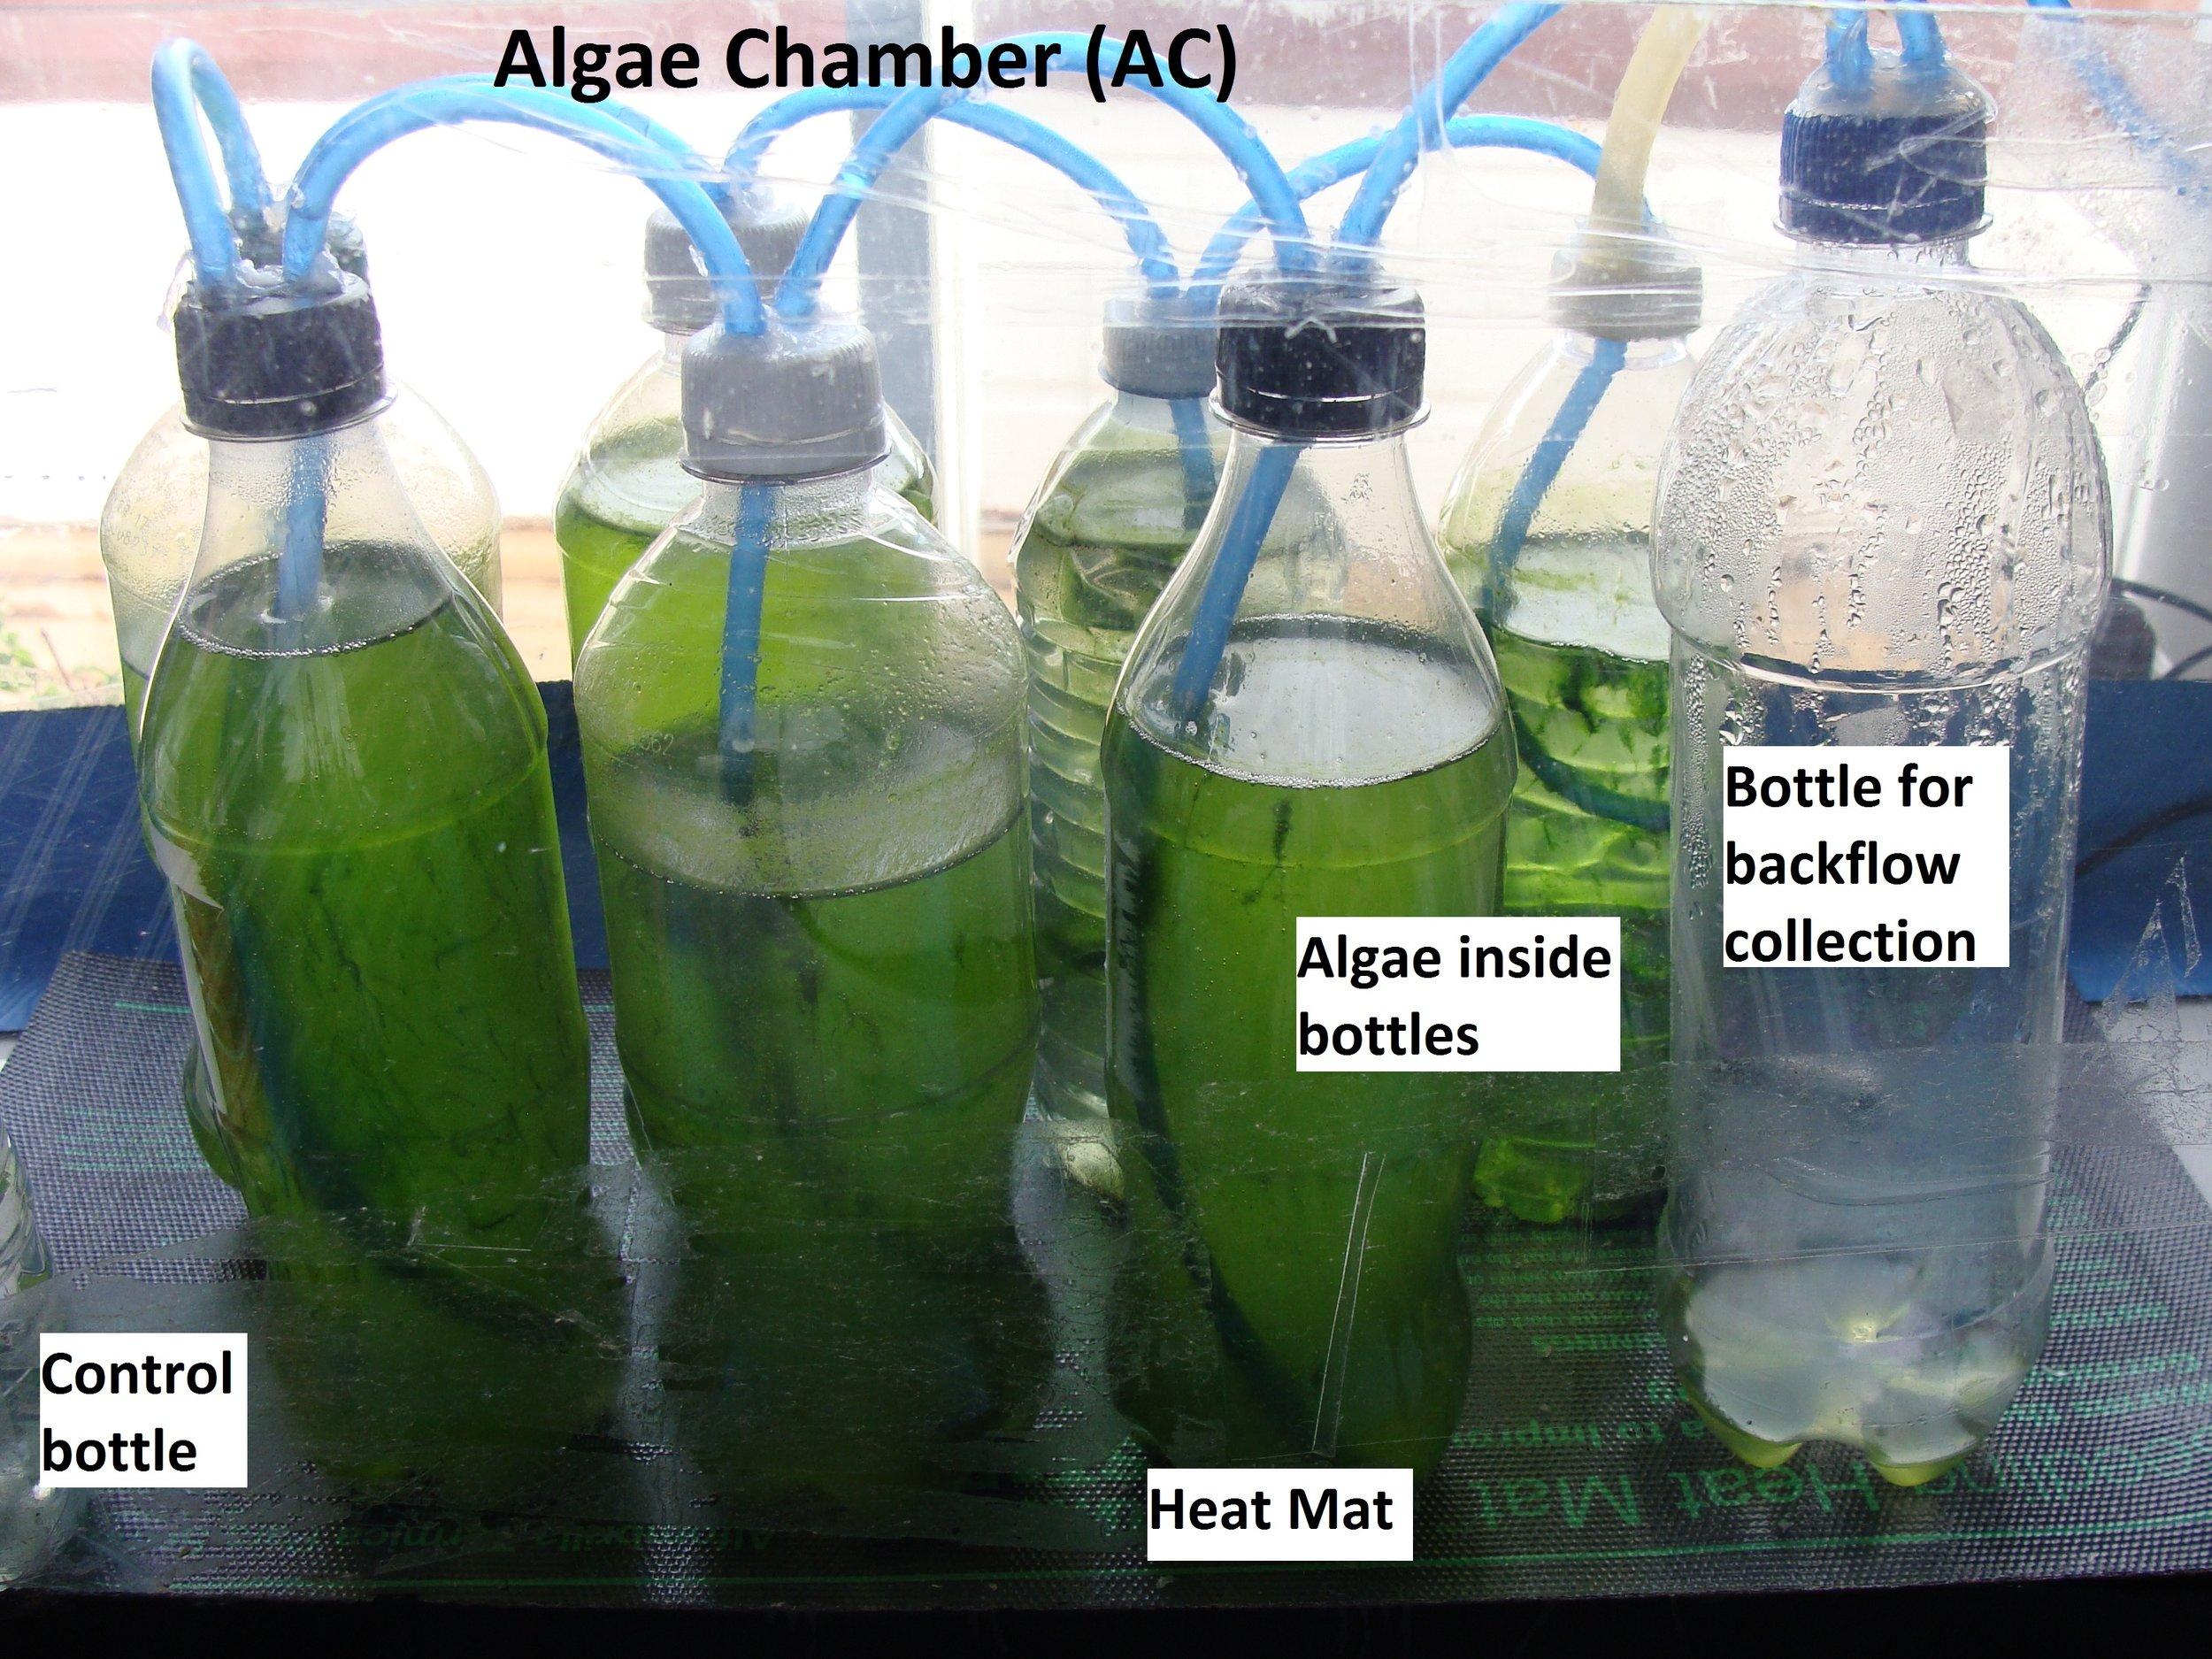 Figure 3. Algae chambers (AC).